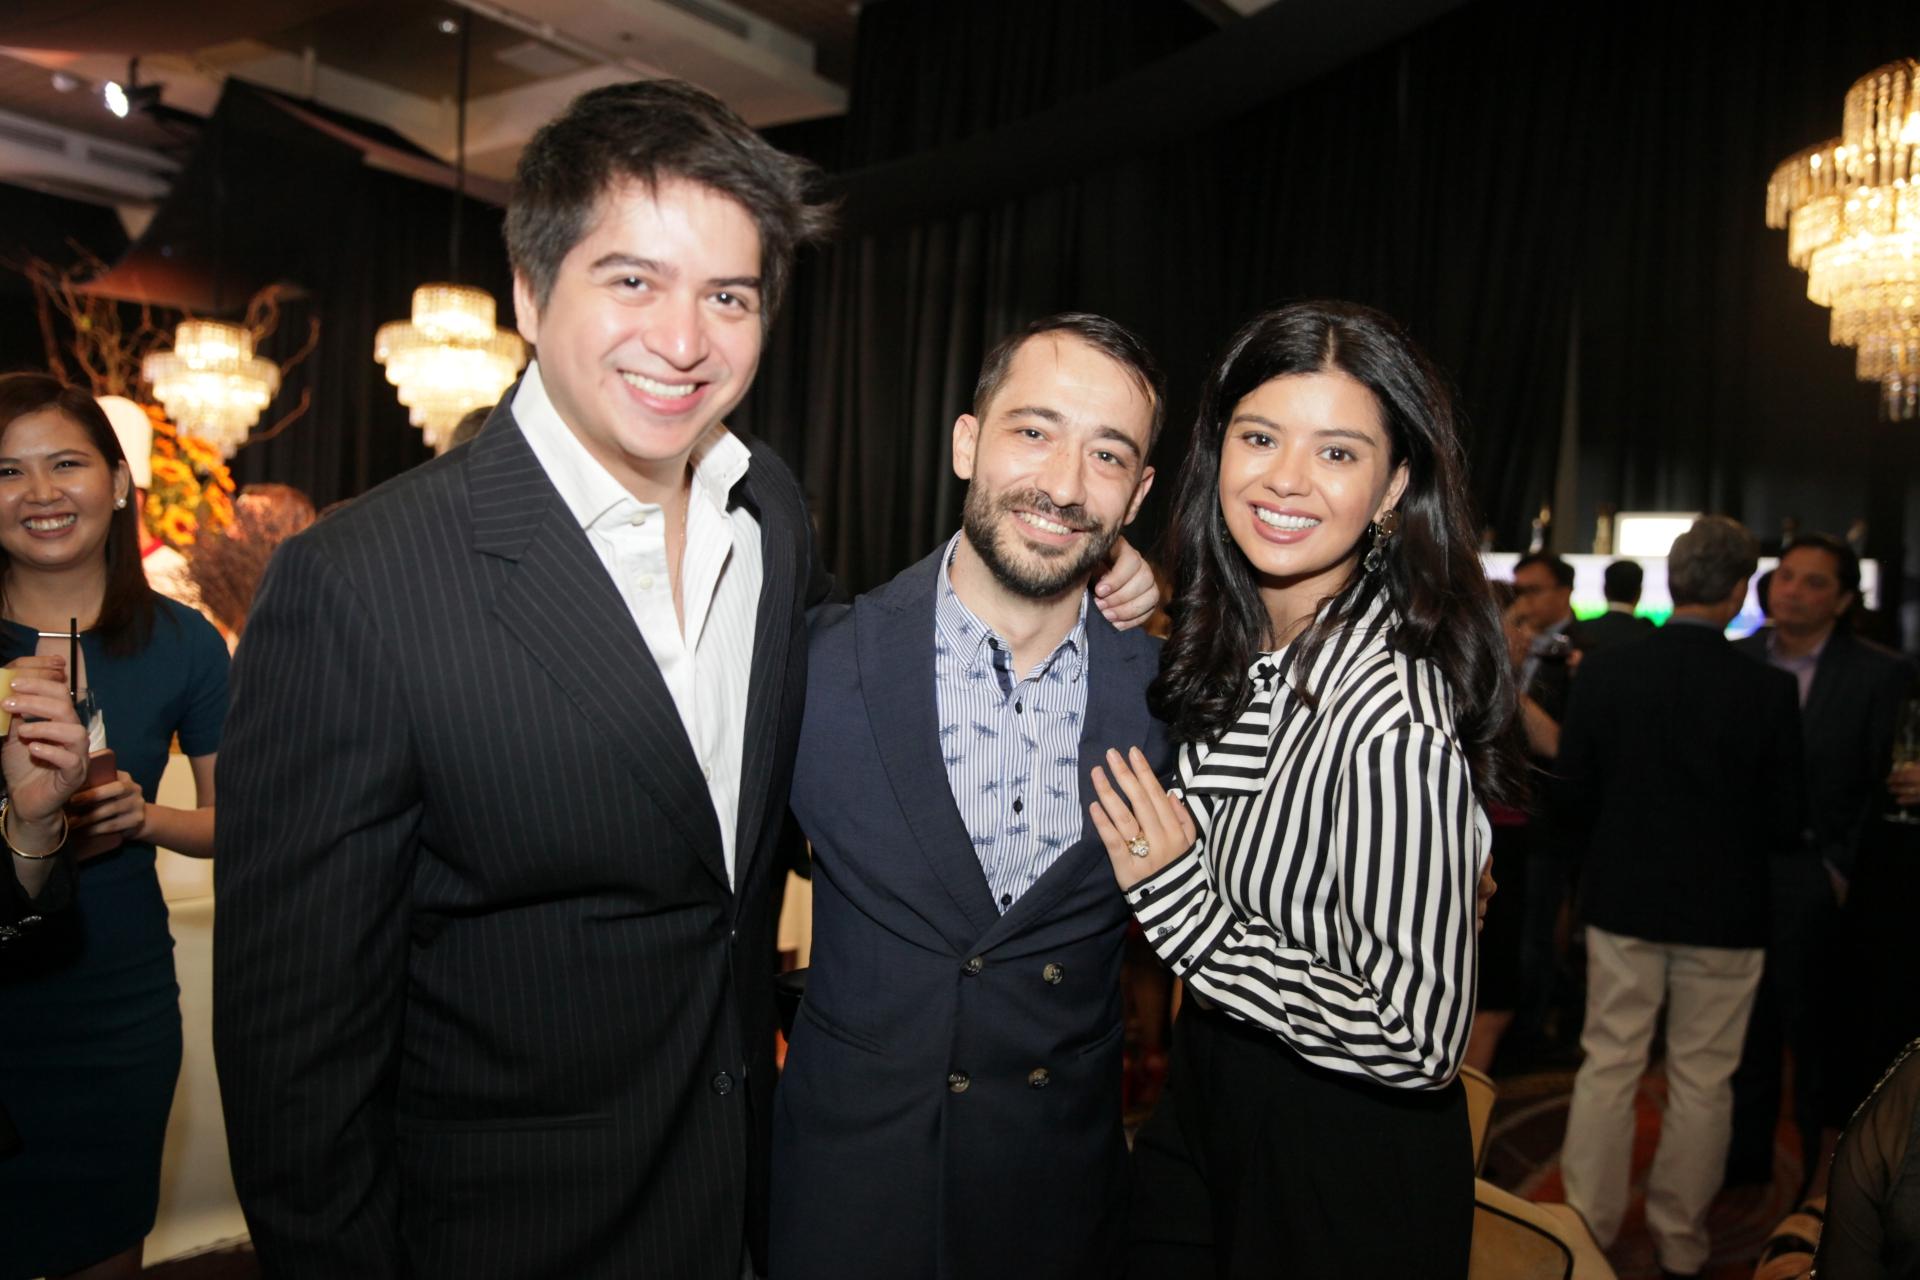 Raul Olbes, Dani Aliaga and Rocio Olbes-Ressano